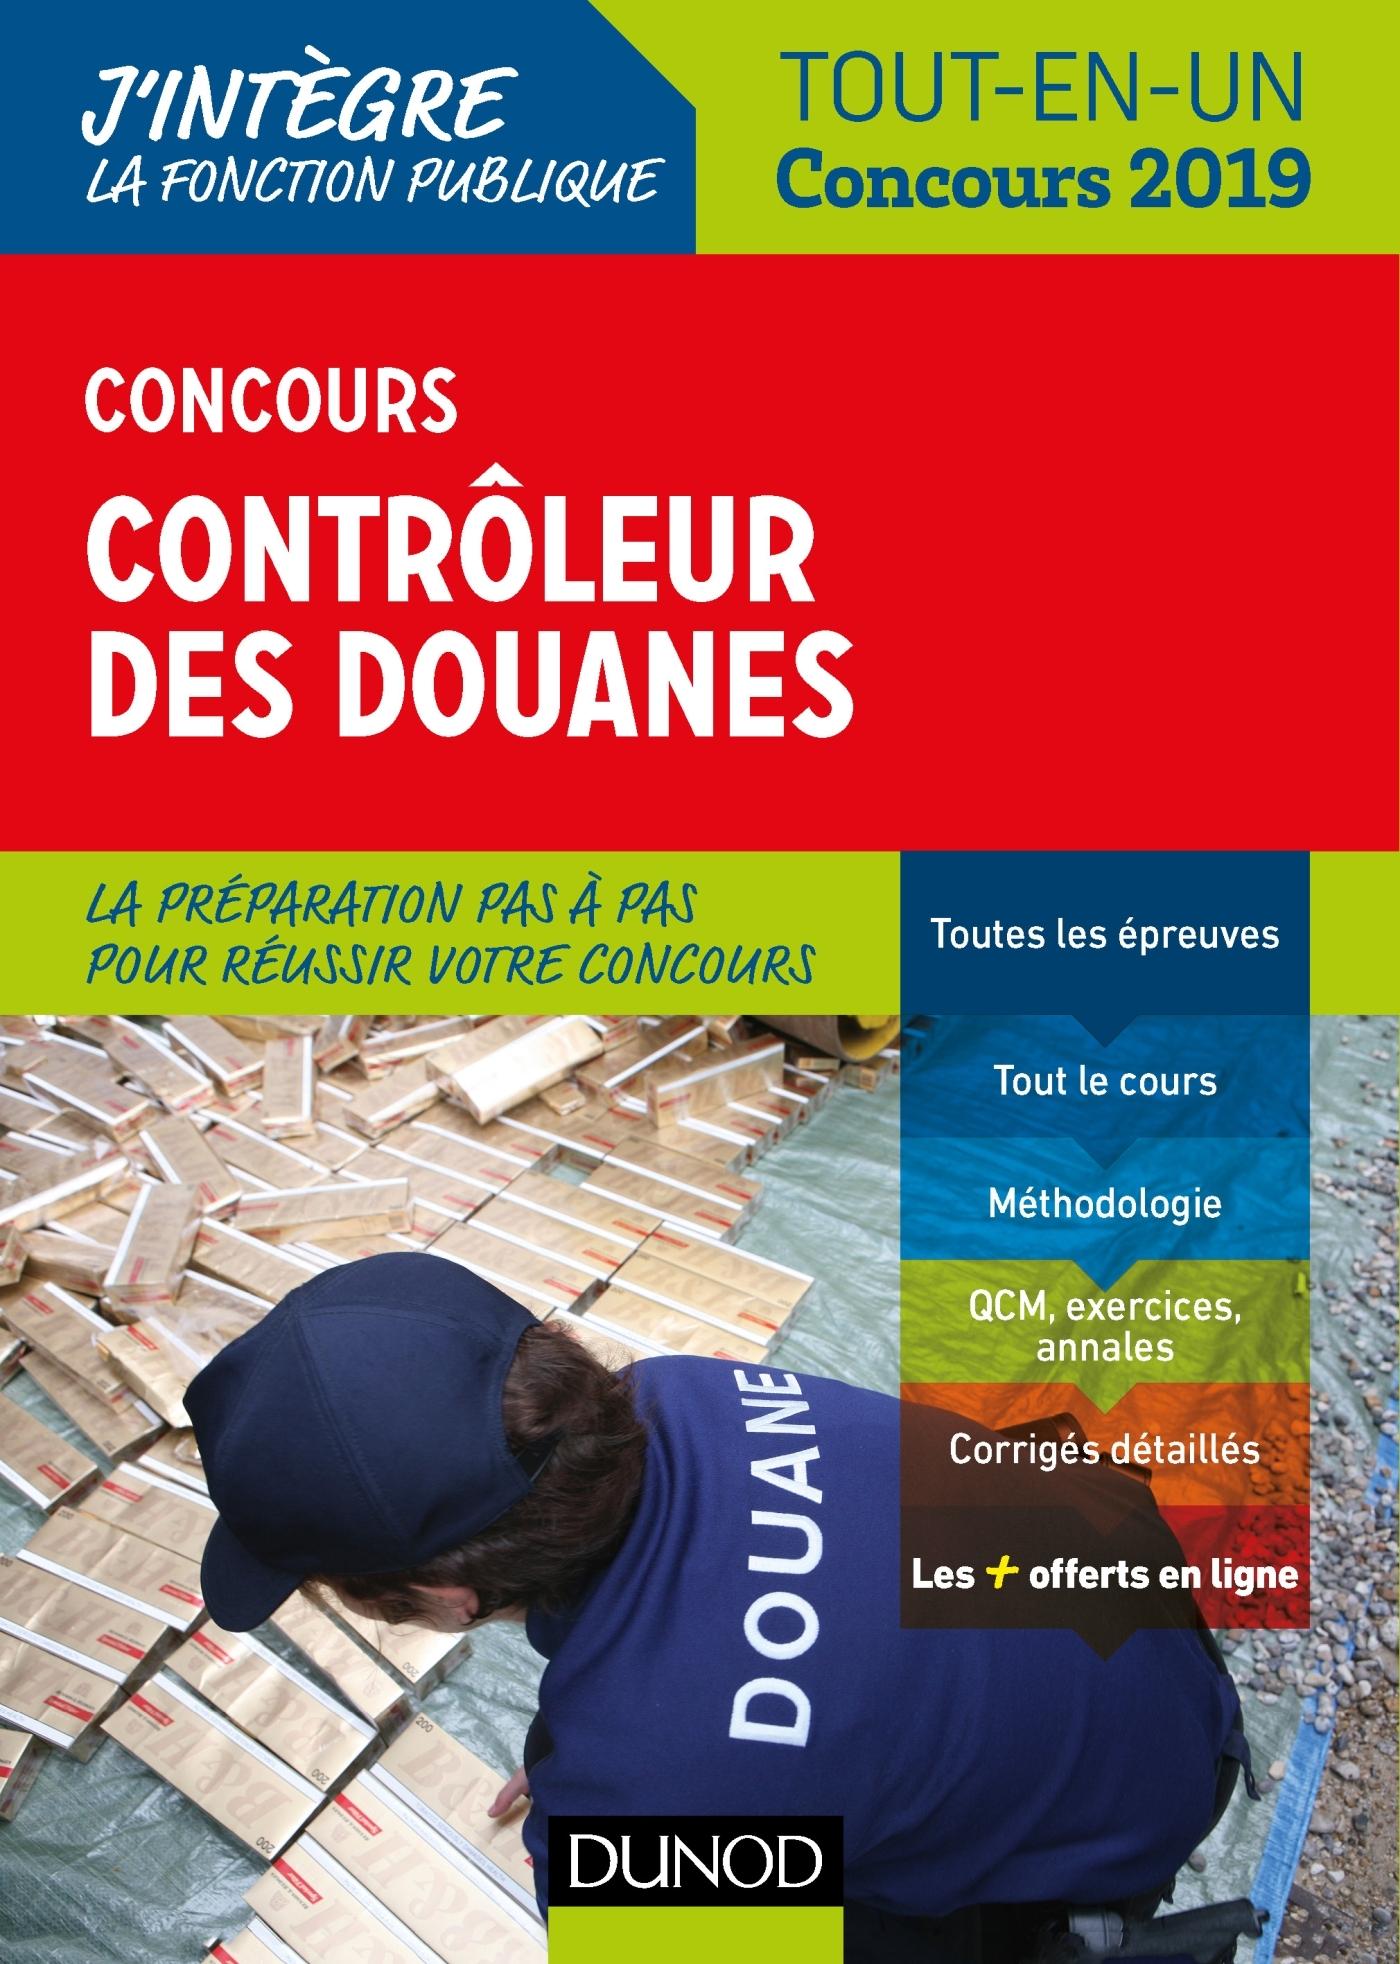 CONCOURS CONTROLEUR DES DOUANES - TOUT-EN-UN - CONCOURS 2019